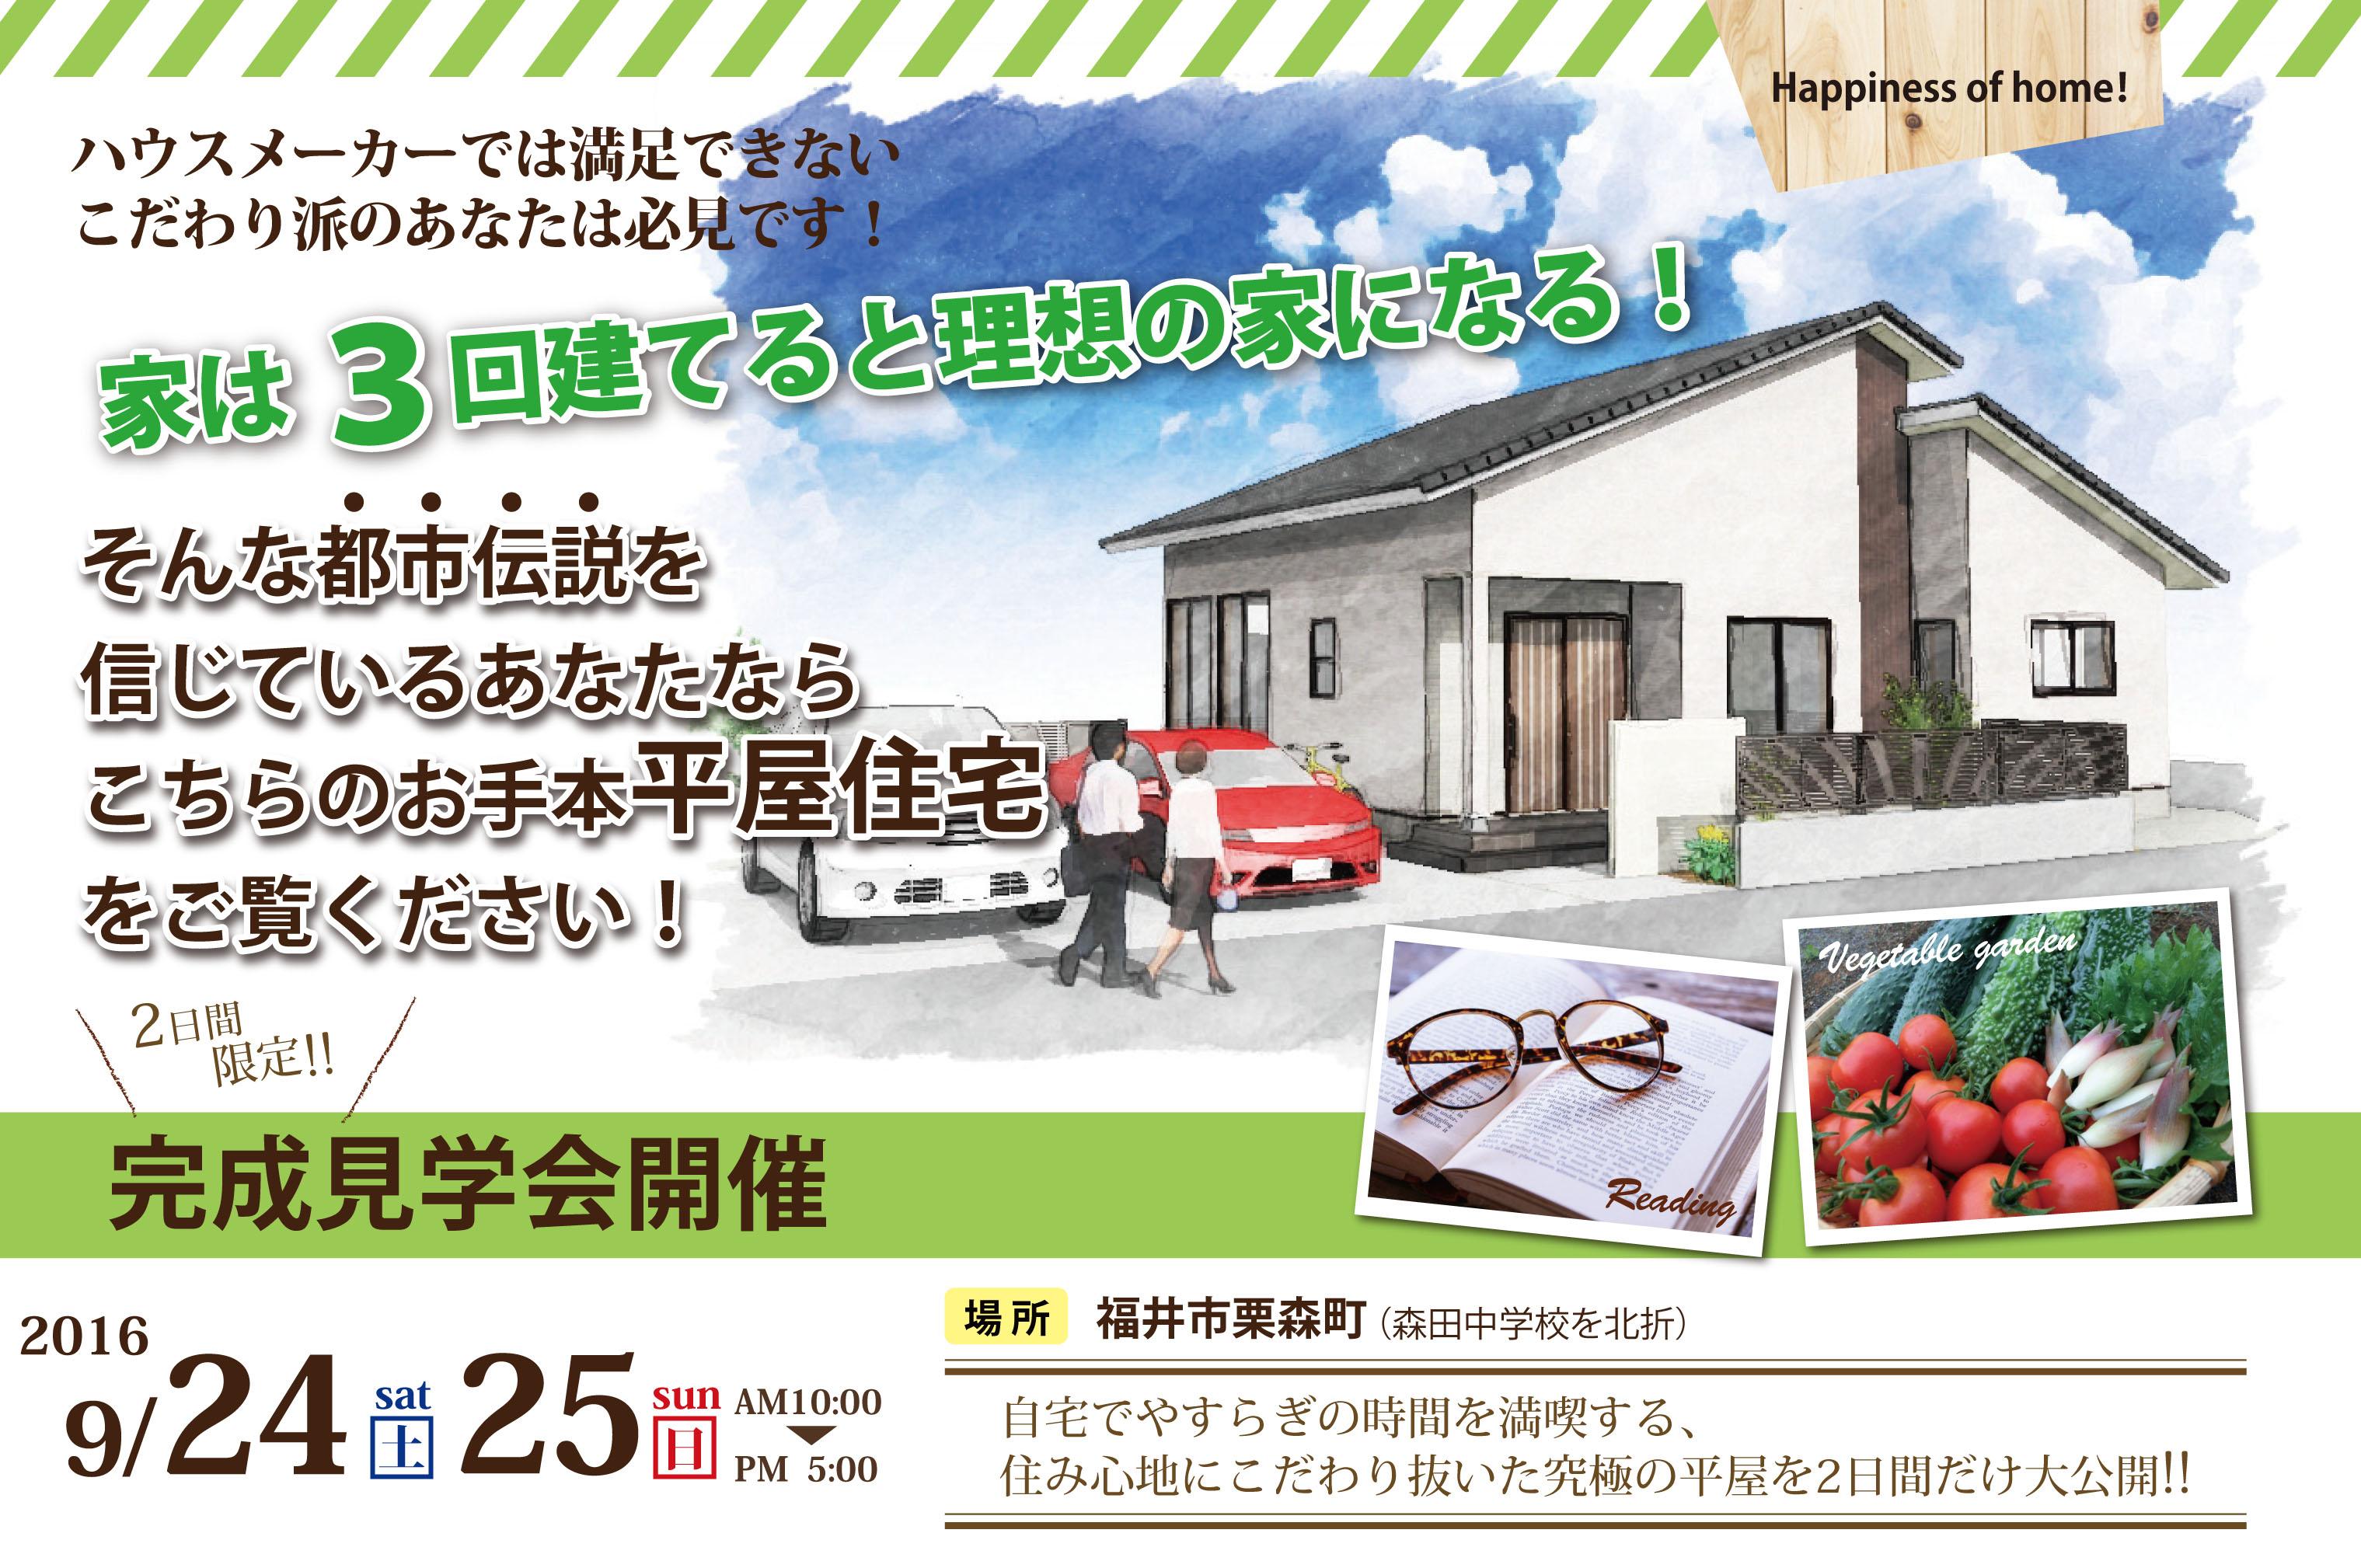 【終了しました。】水元工務店 完成見学会を開催    平成28年9月24日、25日